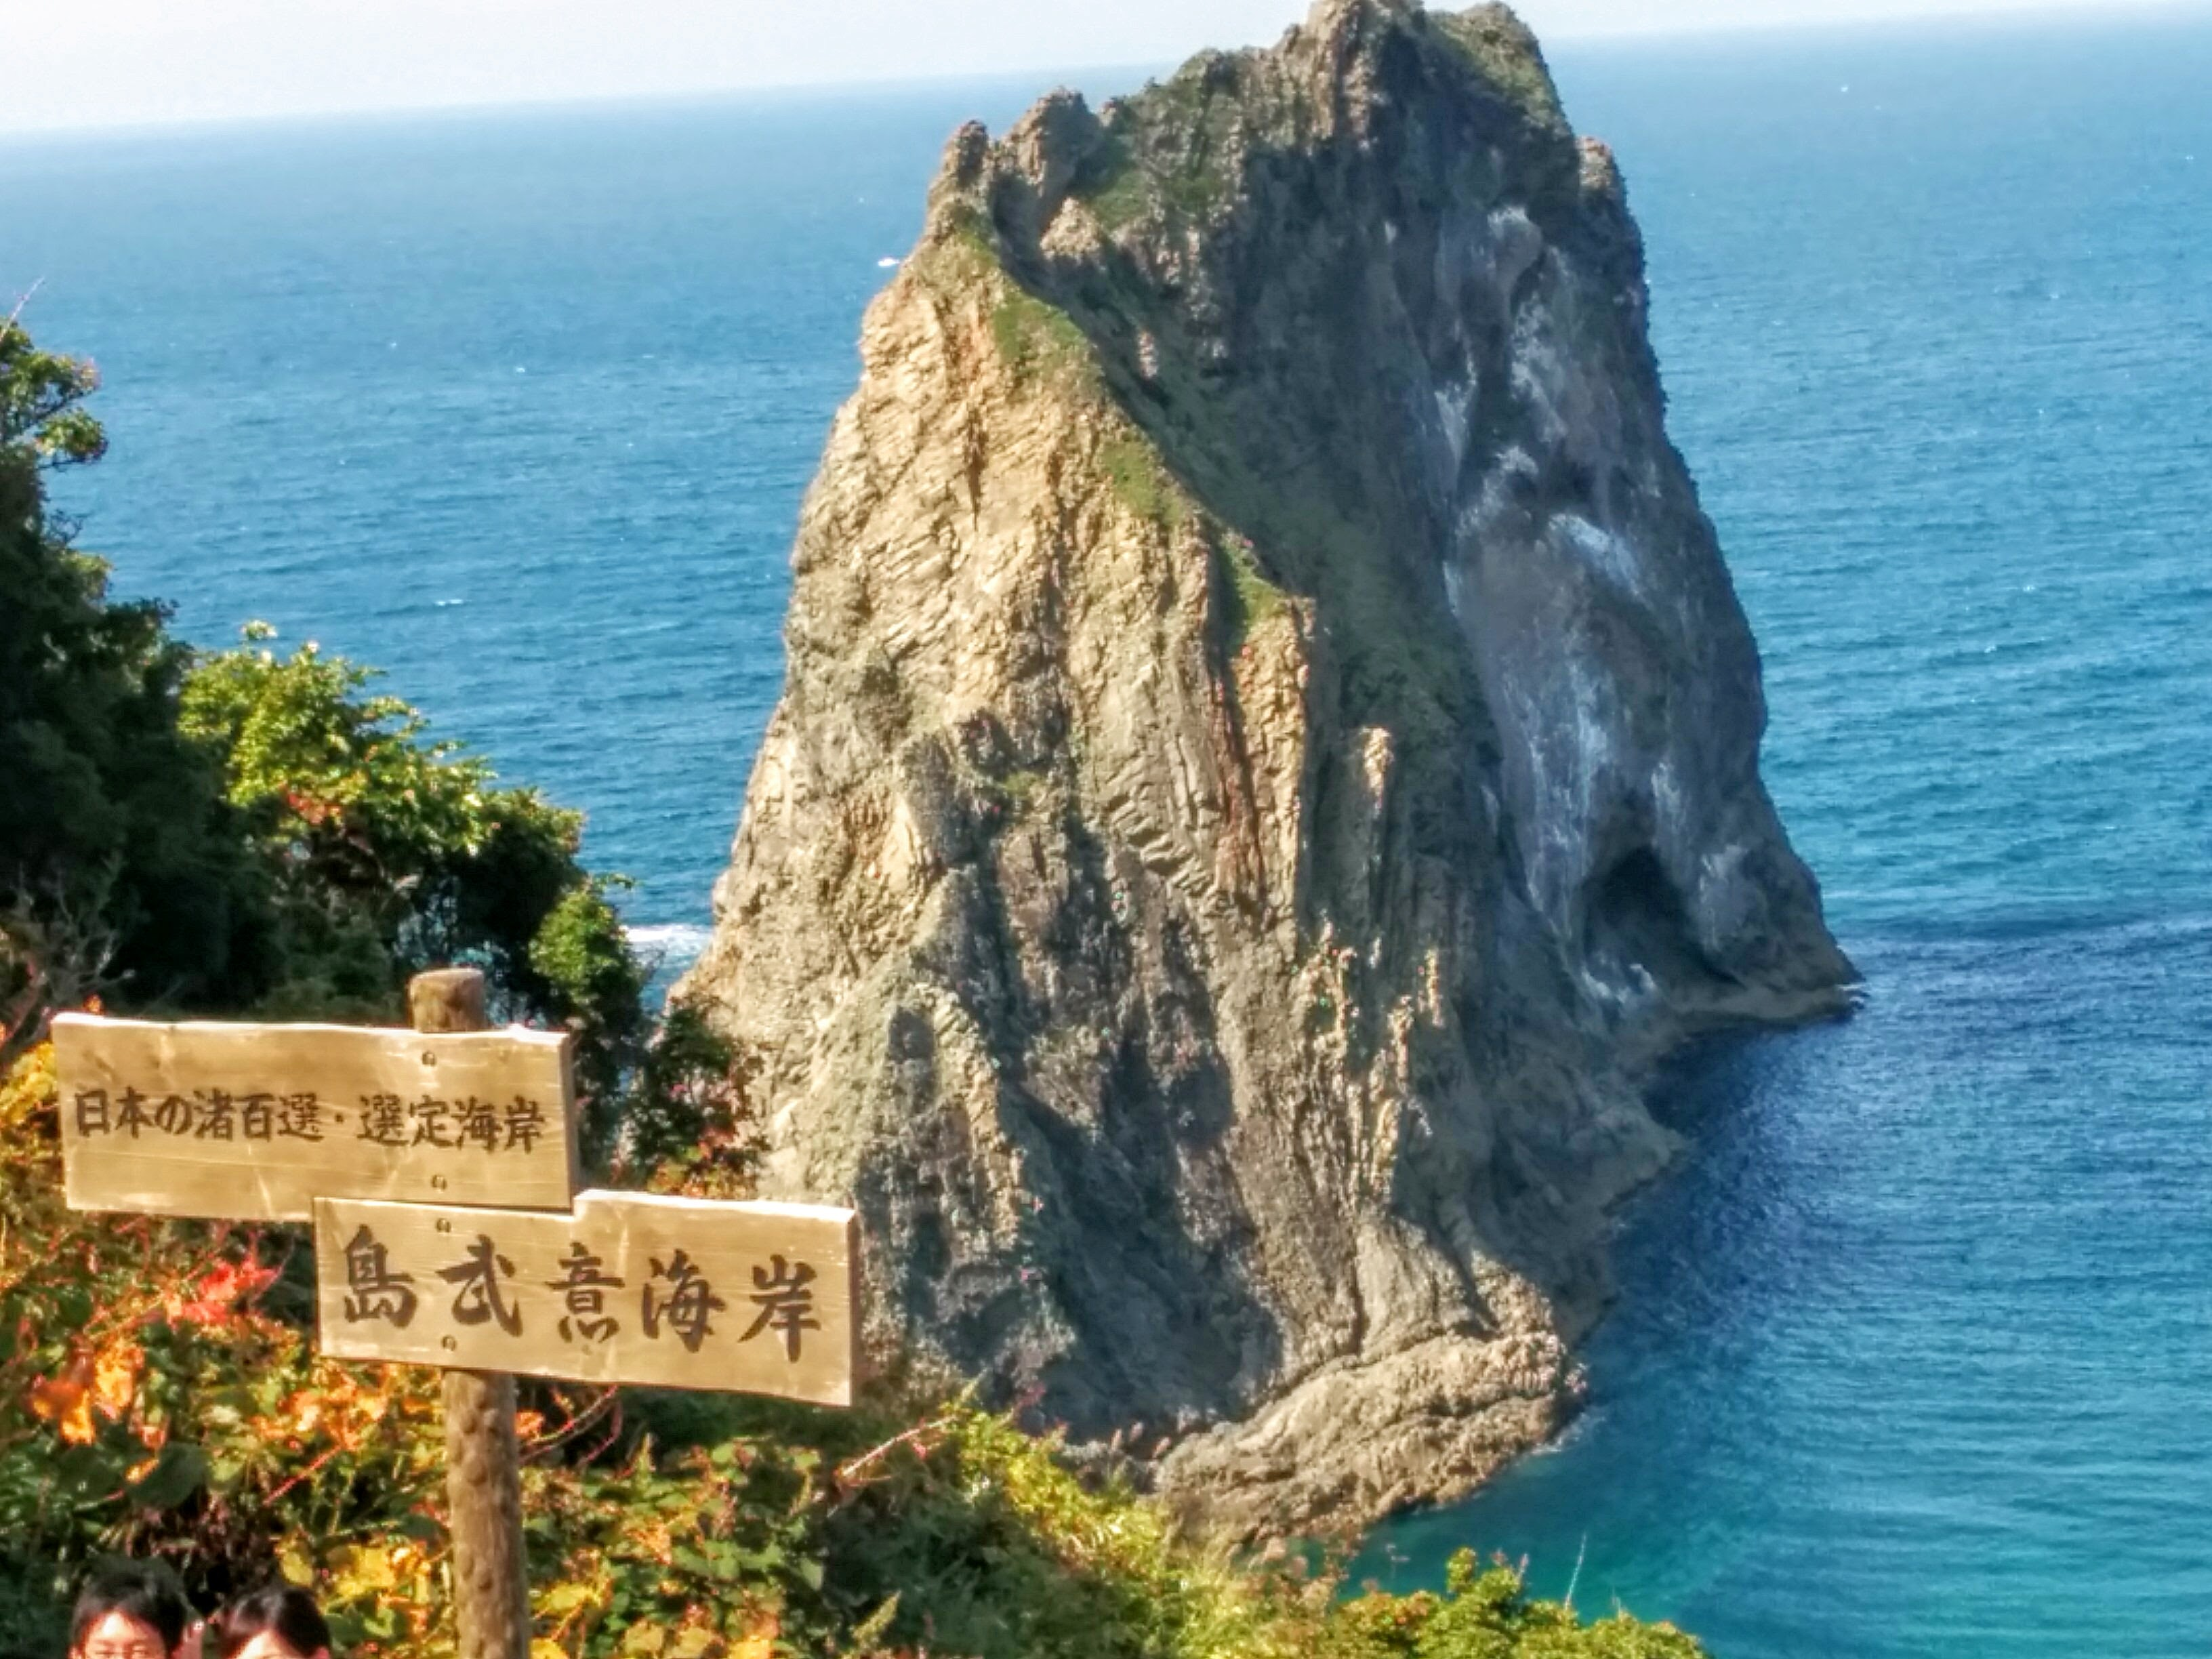 積丹観光タクシー高橋の積丹岬島武意海岸へ行って来ました。